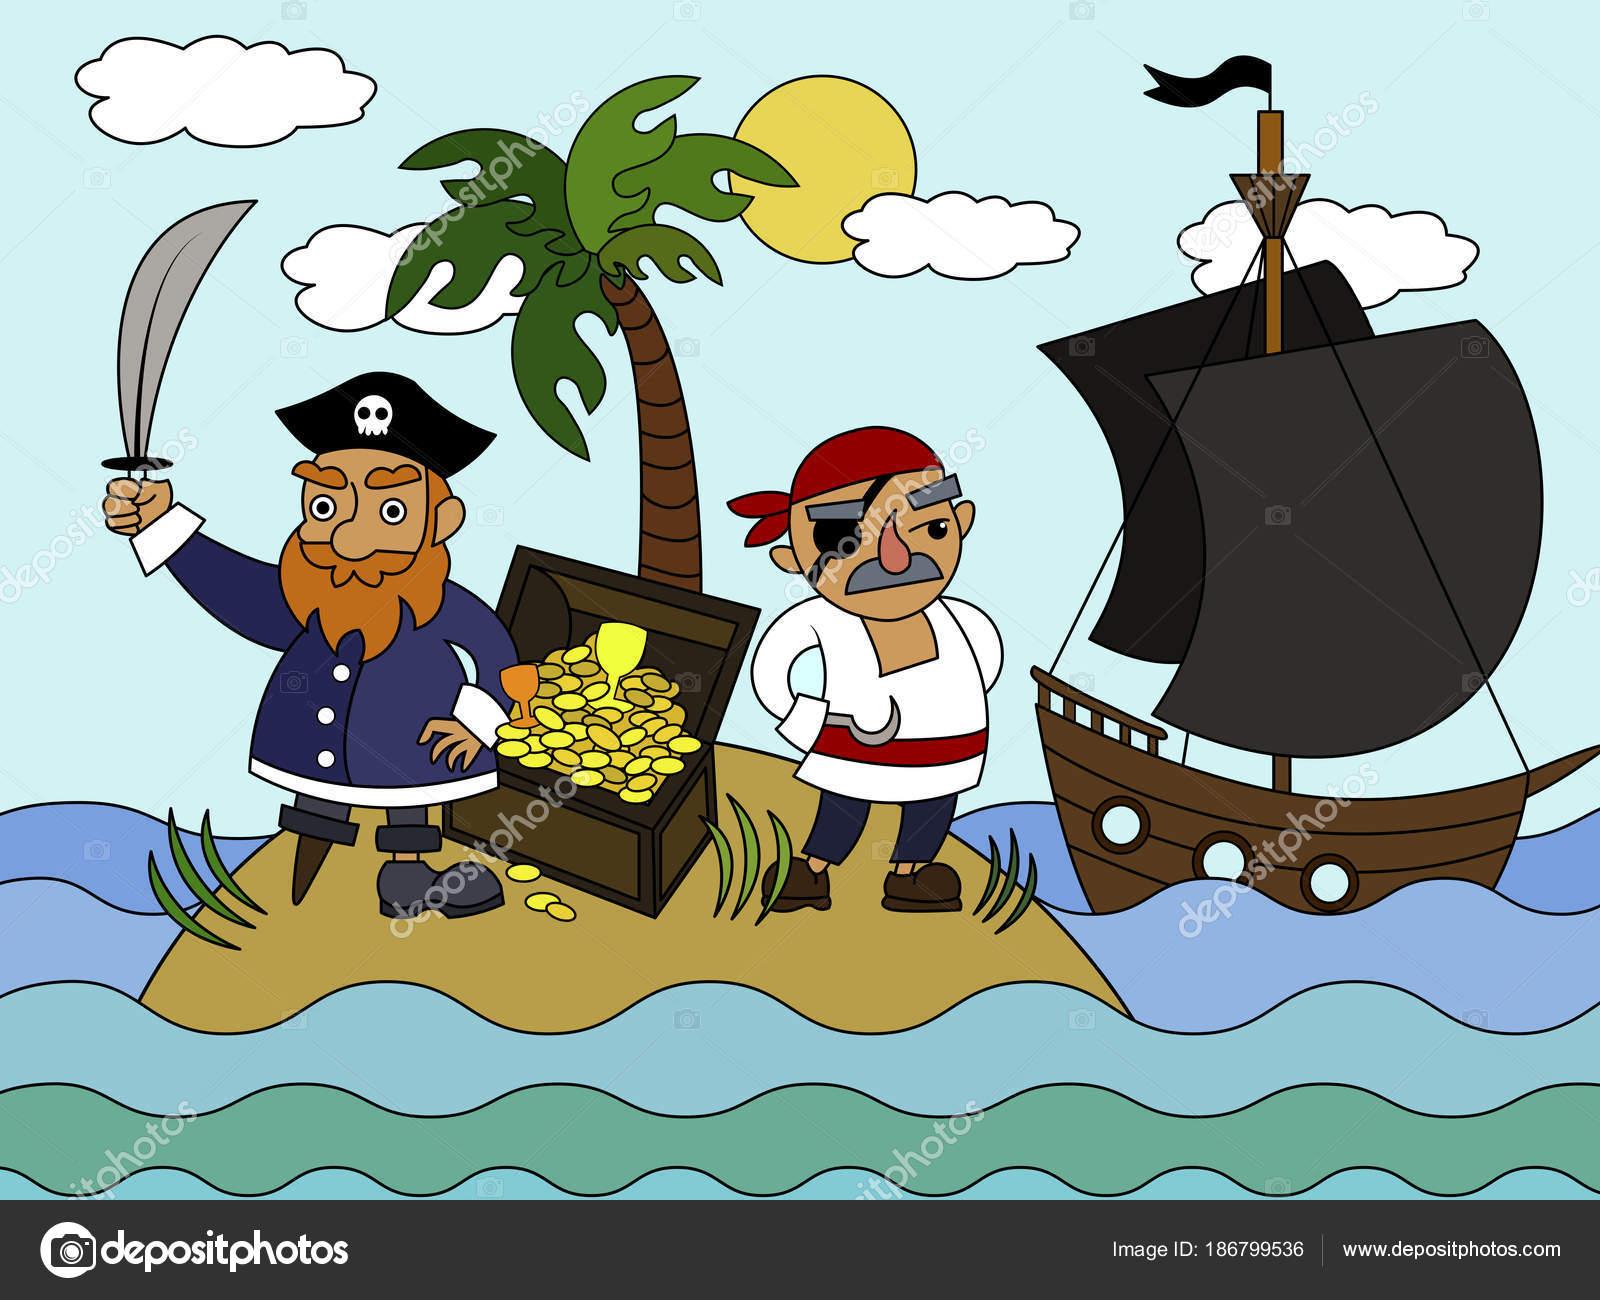 Coloriage Bateau Pirate Couleur.Pirates De Dessin Anime Coloriage Illustration Vectorielle Image